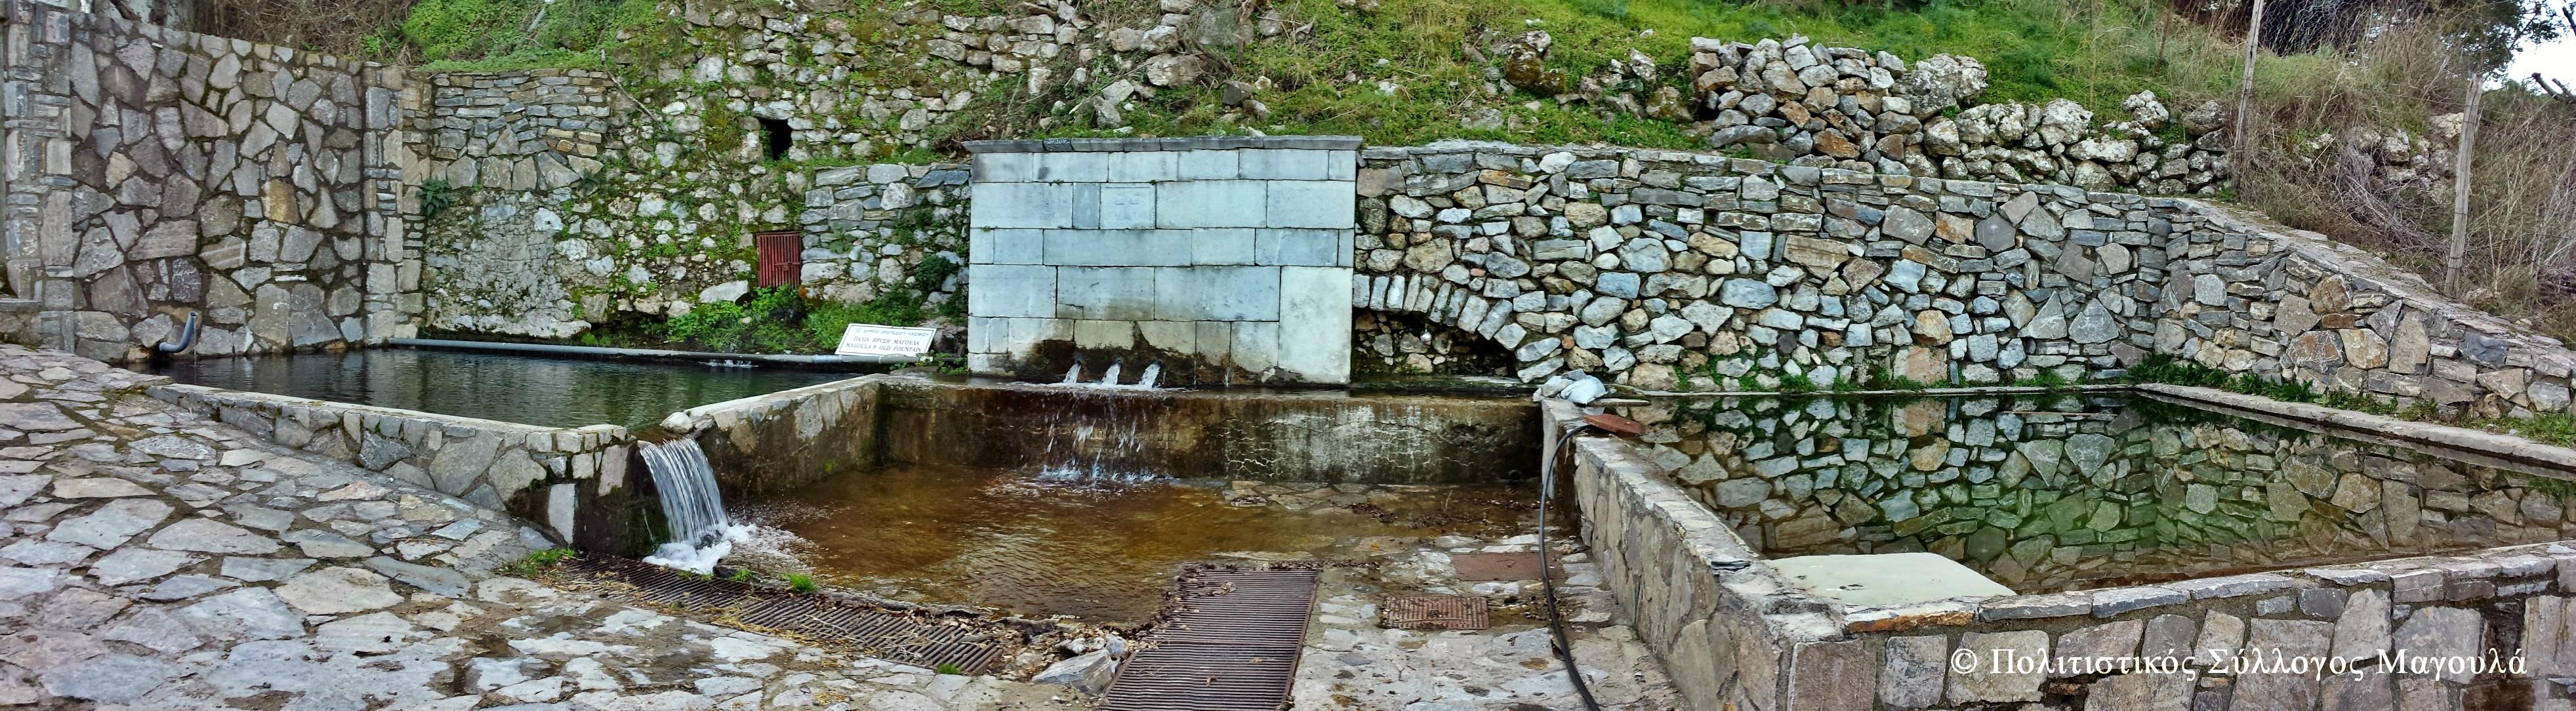 Αρχή διαδρομής στη Μεγάλη Βρύση- Starting from Magoulas Greta Fountain